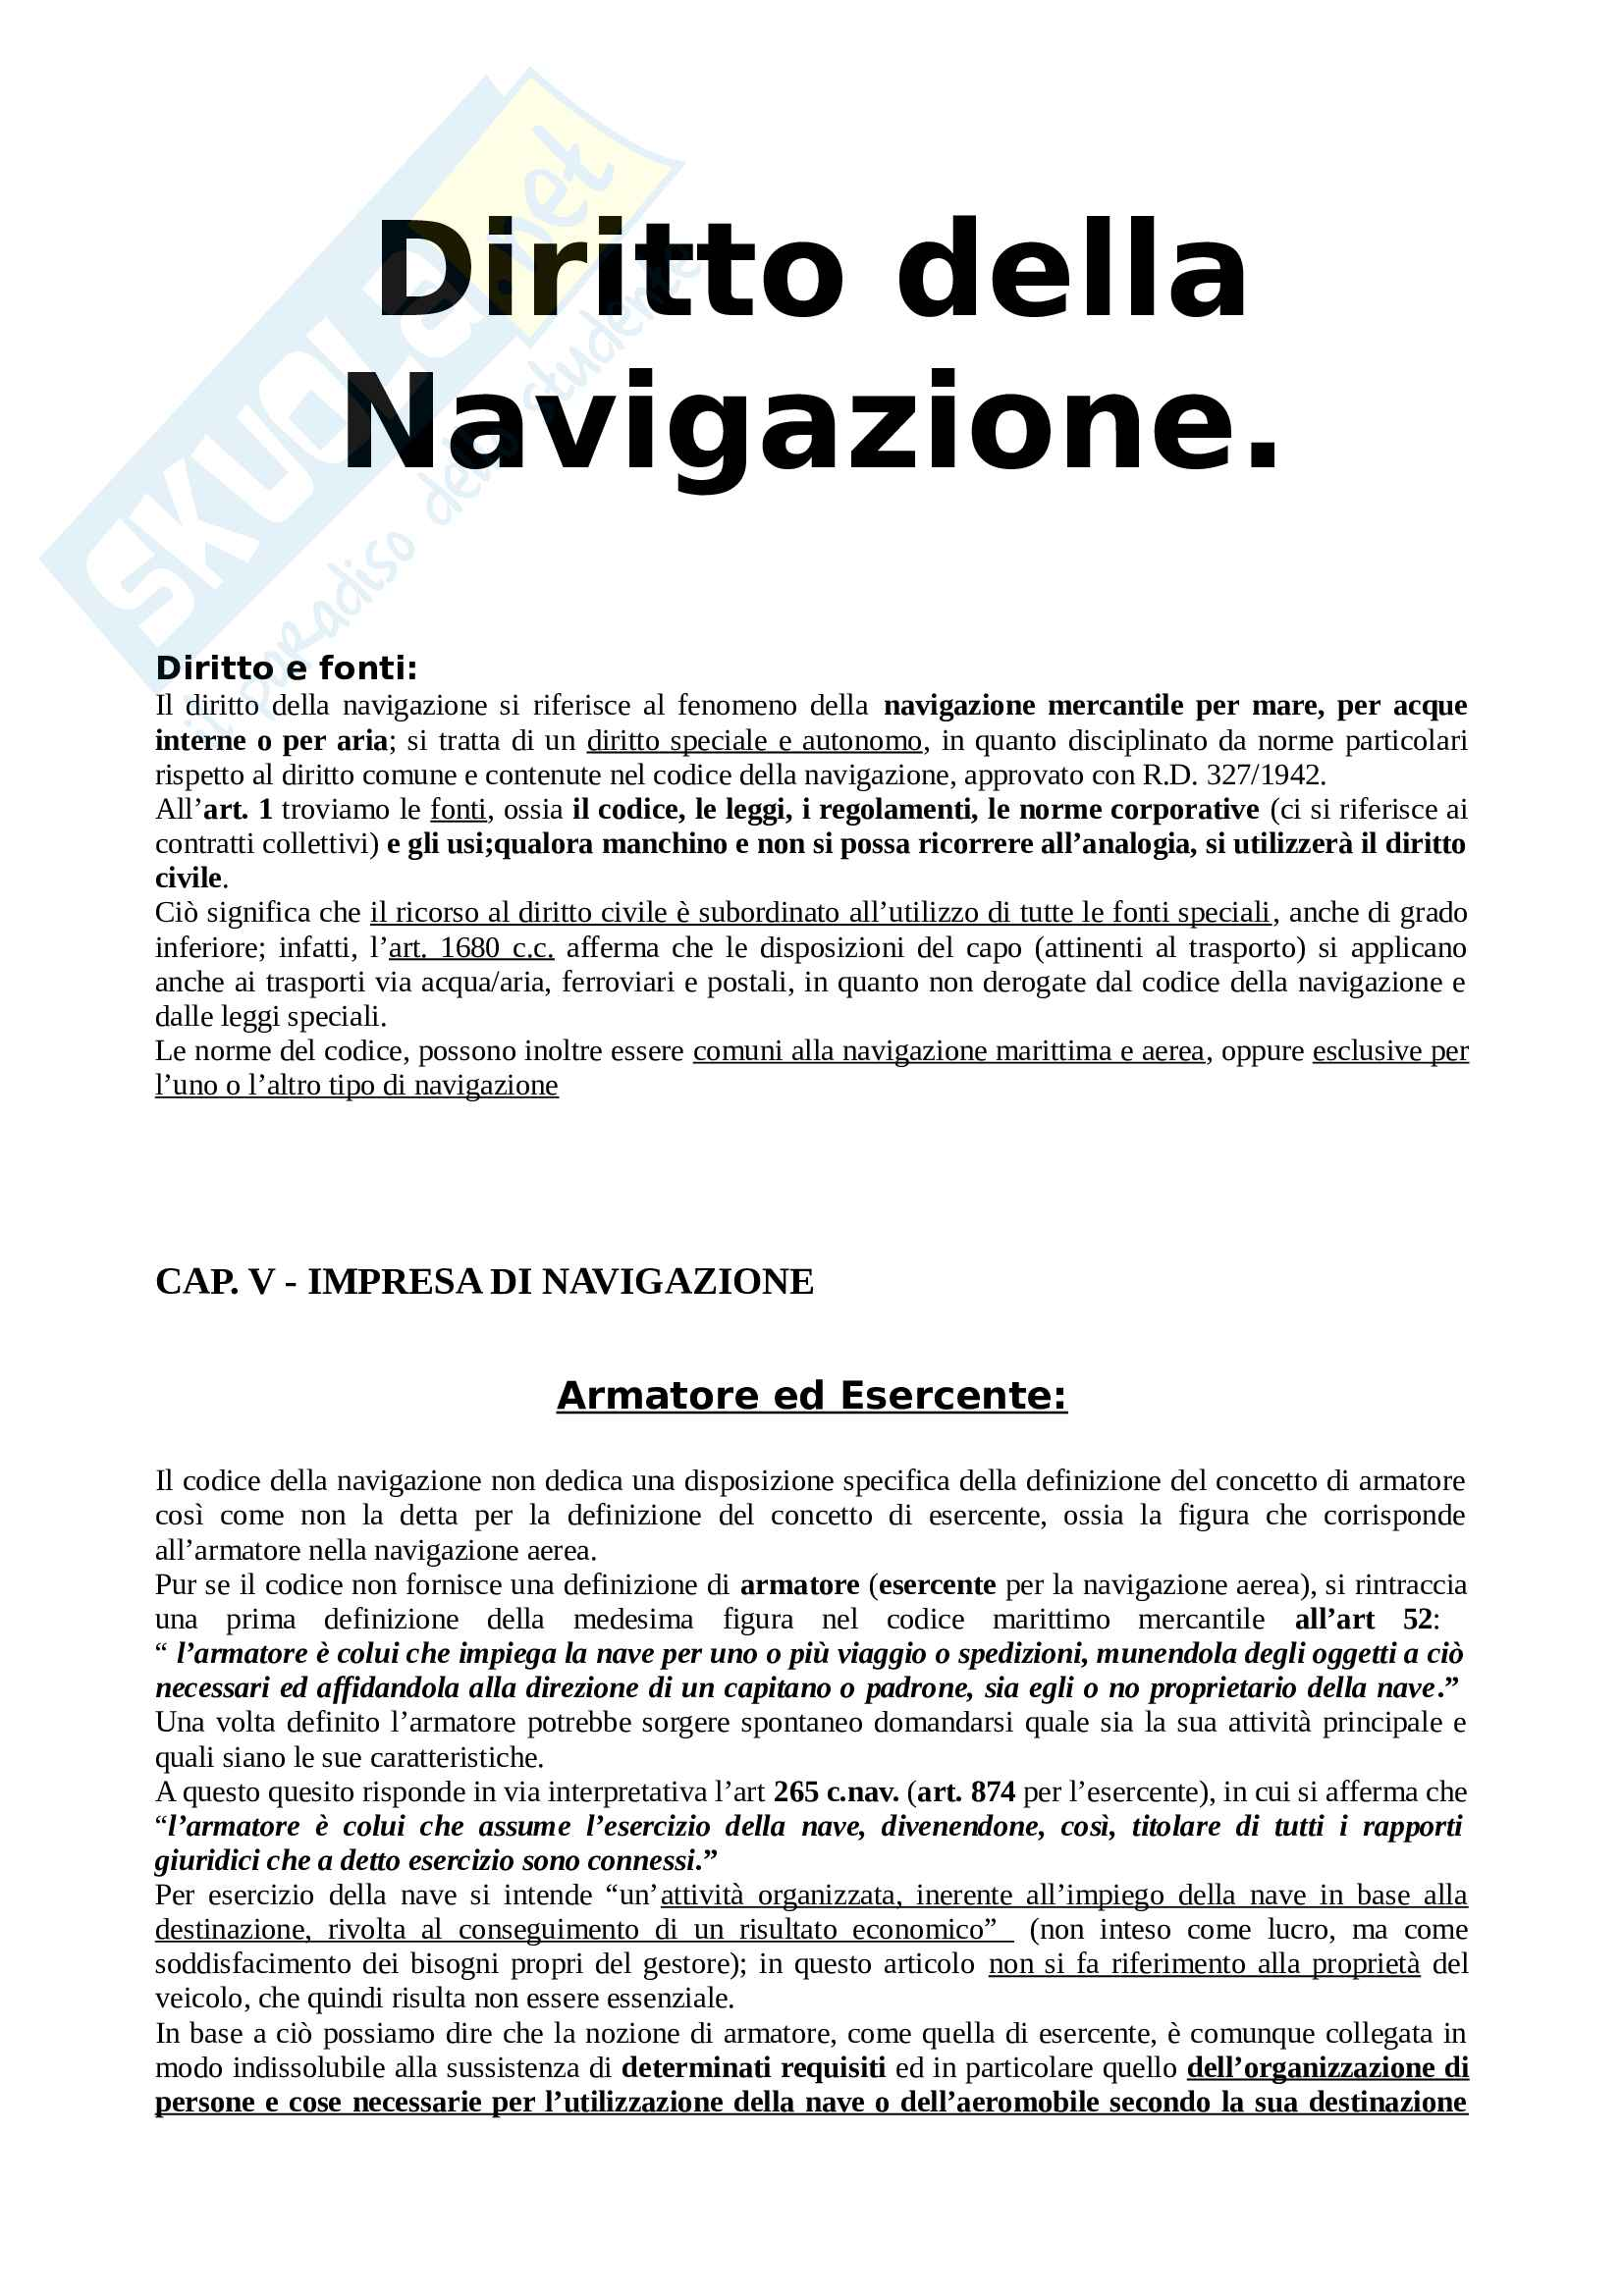 Riassunto esame di Diritto della navigazione, libro consigliato Manuale di diritto della navigazione